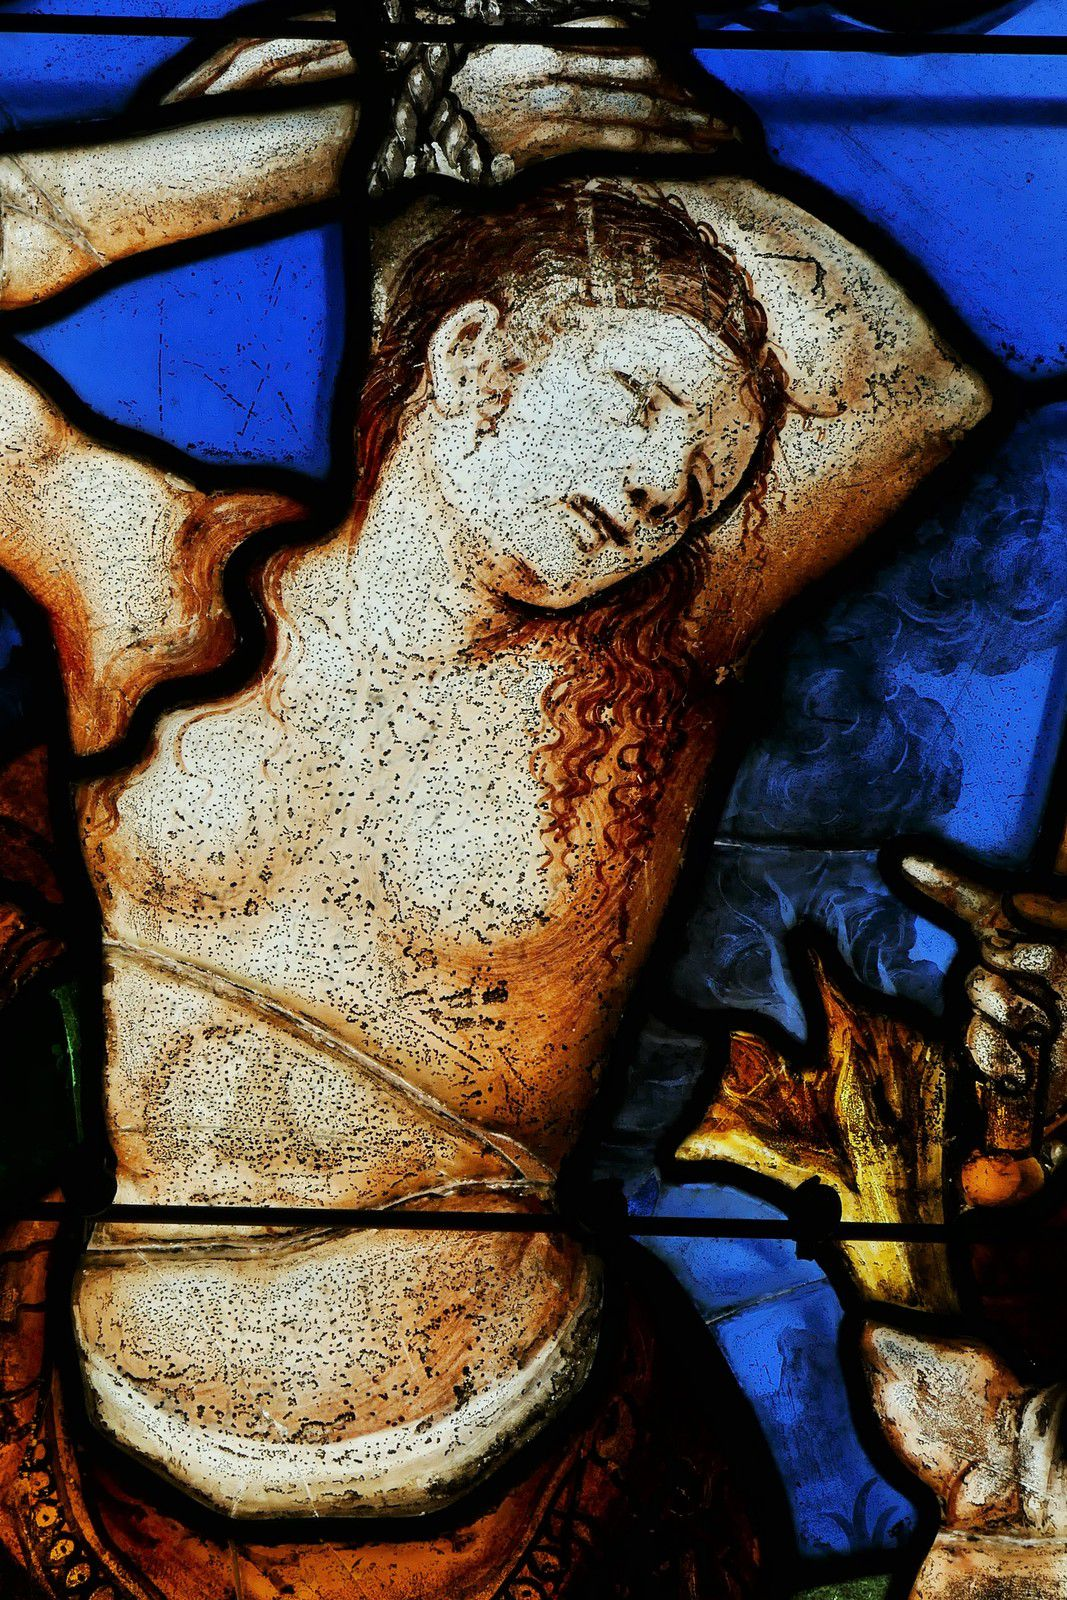 La baie 1 ou Martyre de sainte Barbe (v. 1540, Gilles de la Croix Vallée ?) de l'ancienne collégiale de Champeaux. Photographie lavieb-aile août 2020.